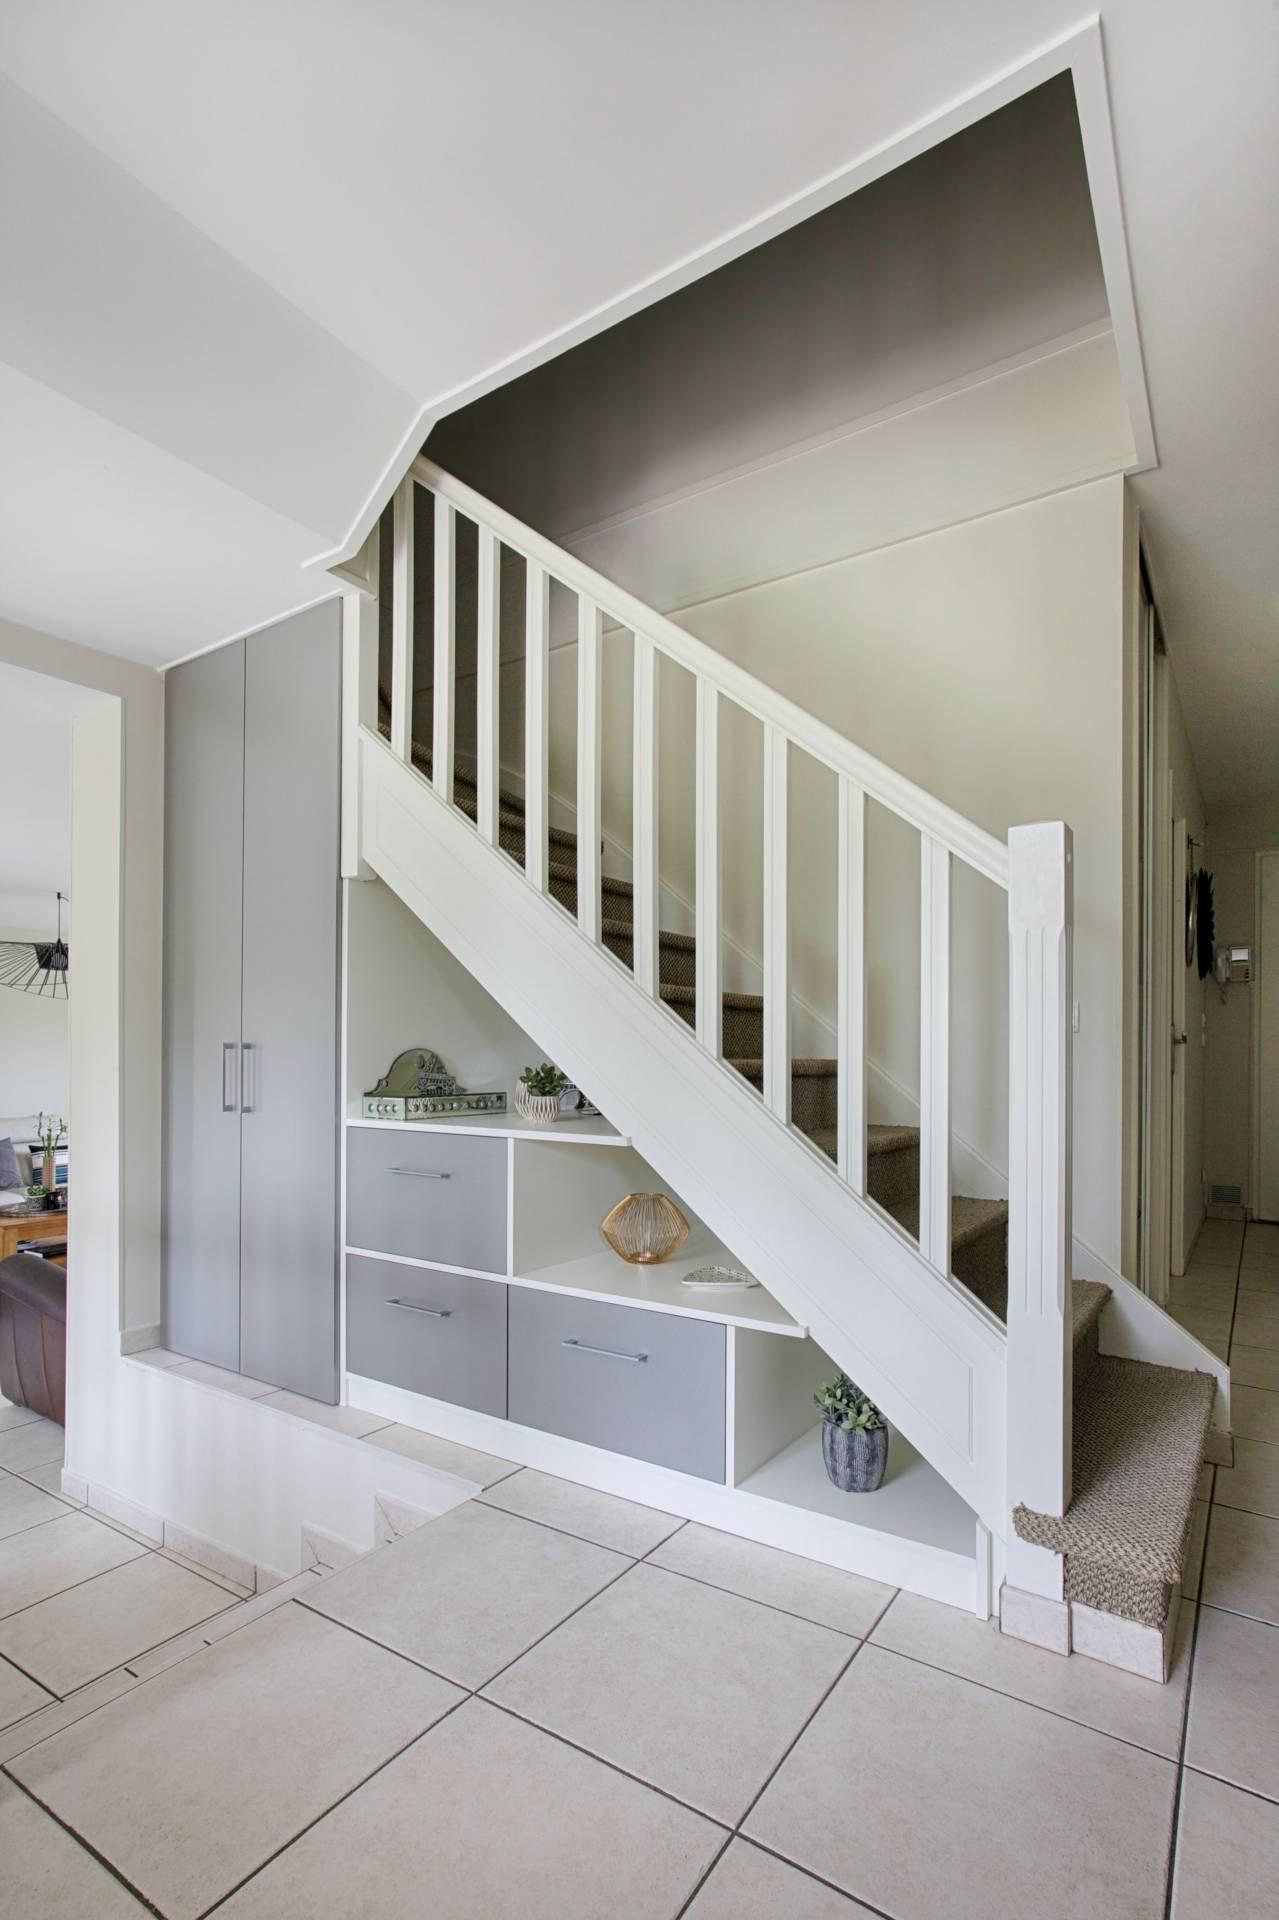 Creer Un Meuble Sous Escalier tous les projets avec escalier | bh déco, décoratrice ufdi 91 77